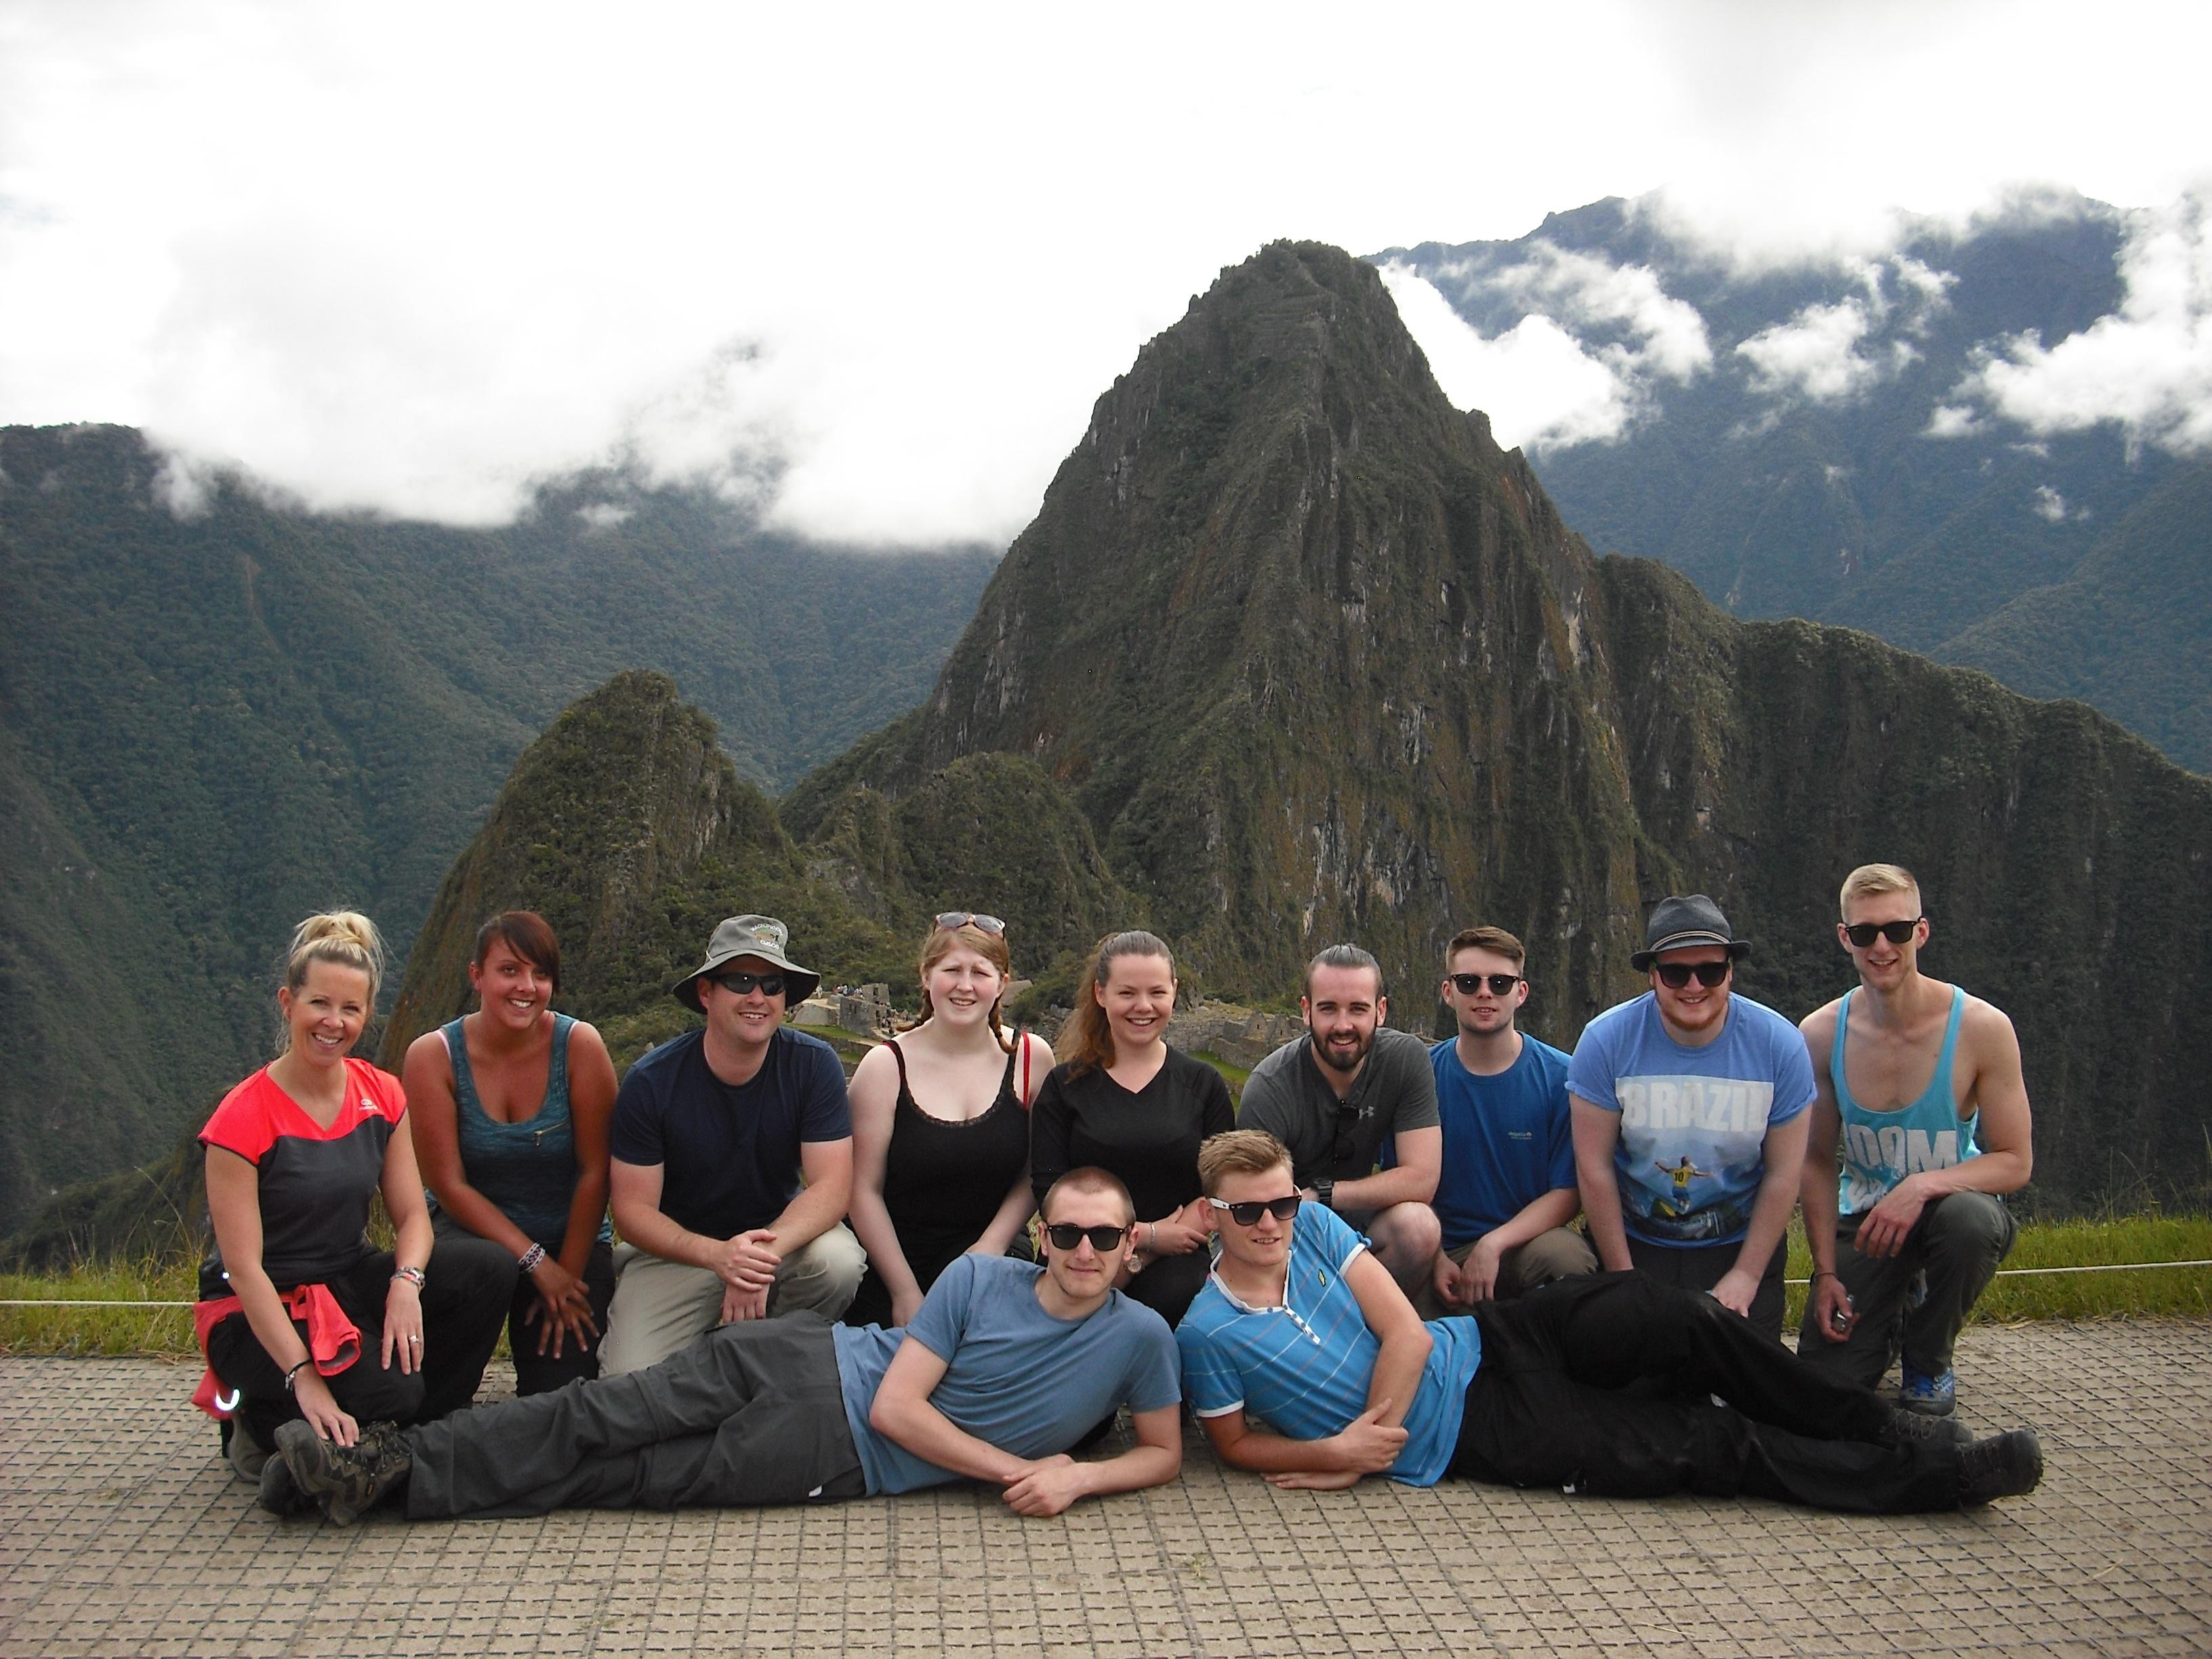 Tradicional Cusco & Machu Picchu